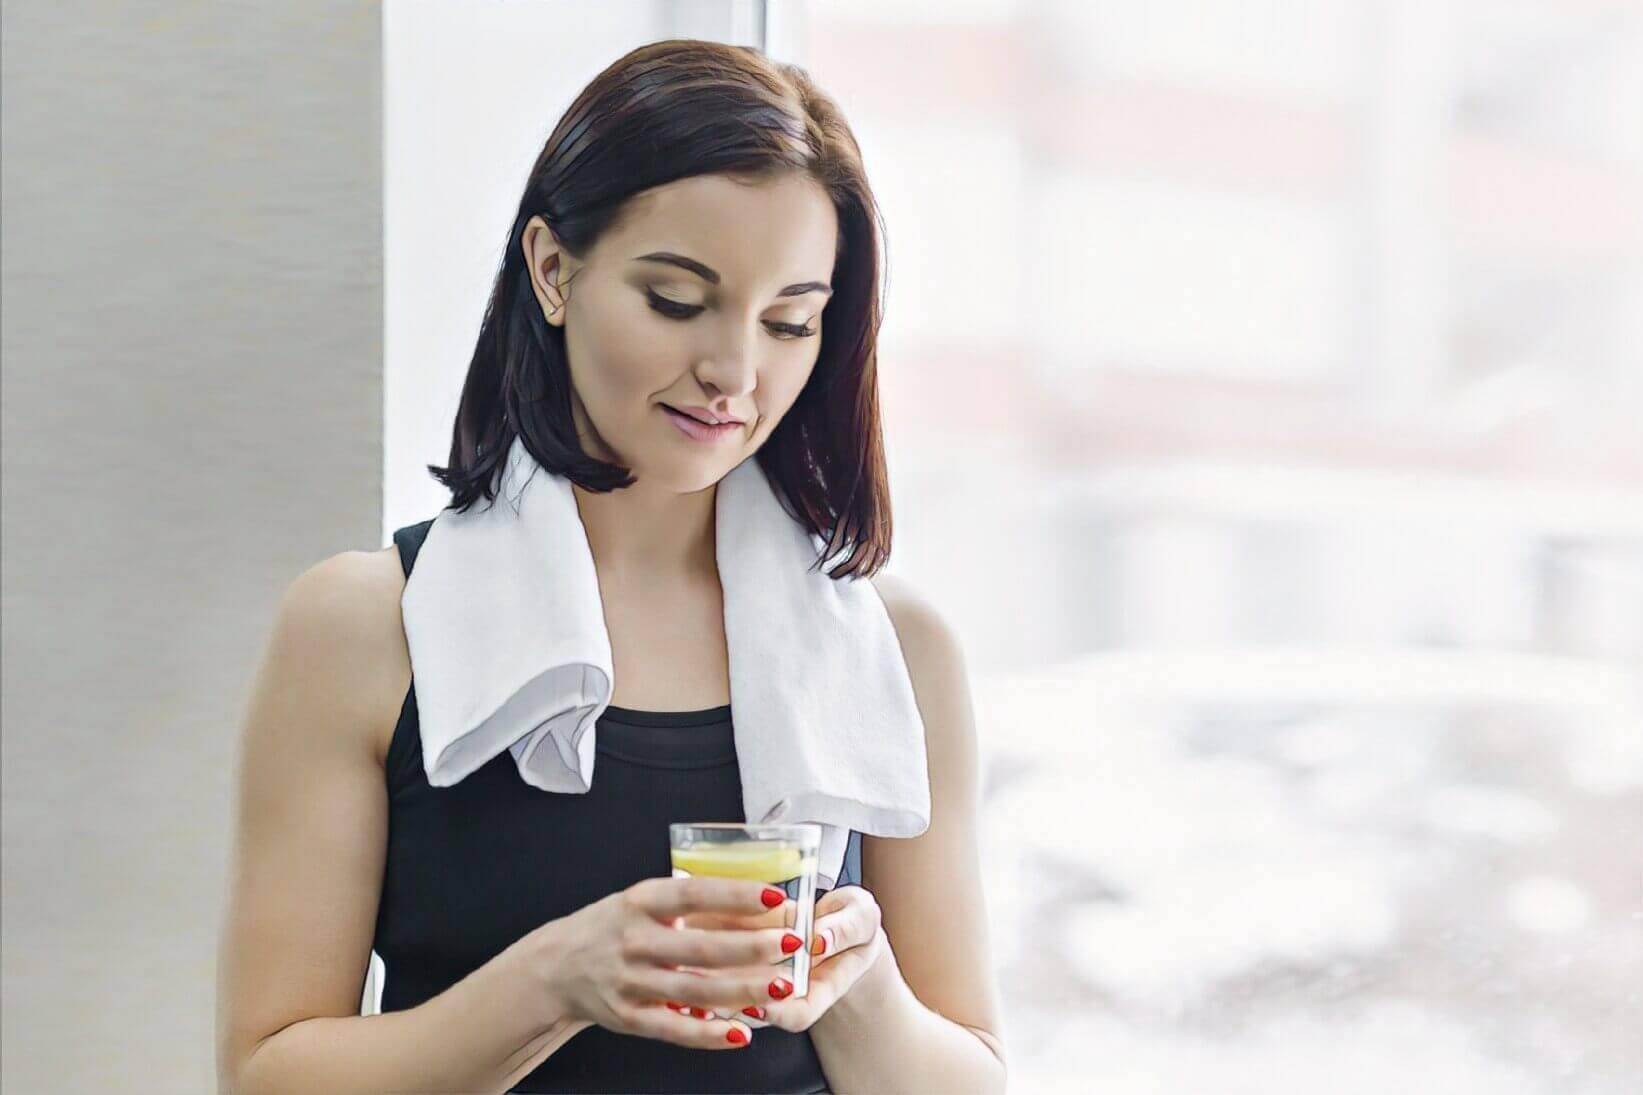 питание при дисбактериозе и акне